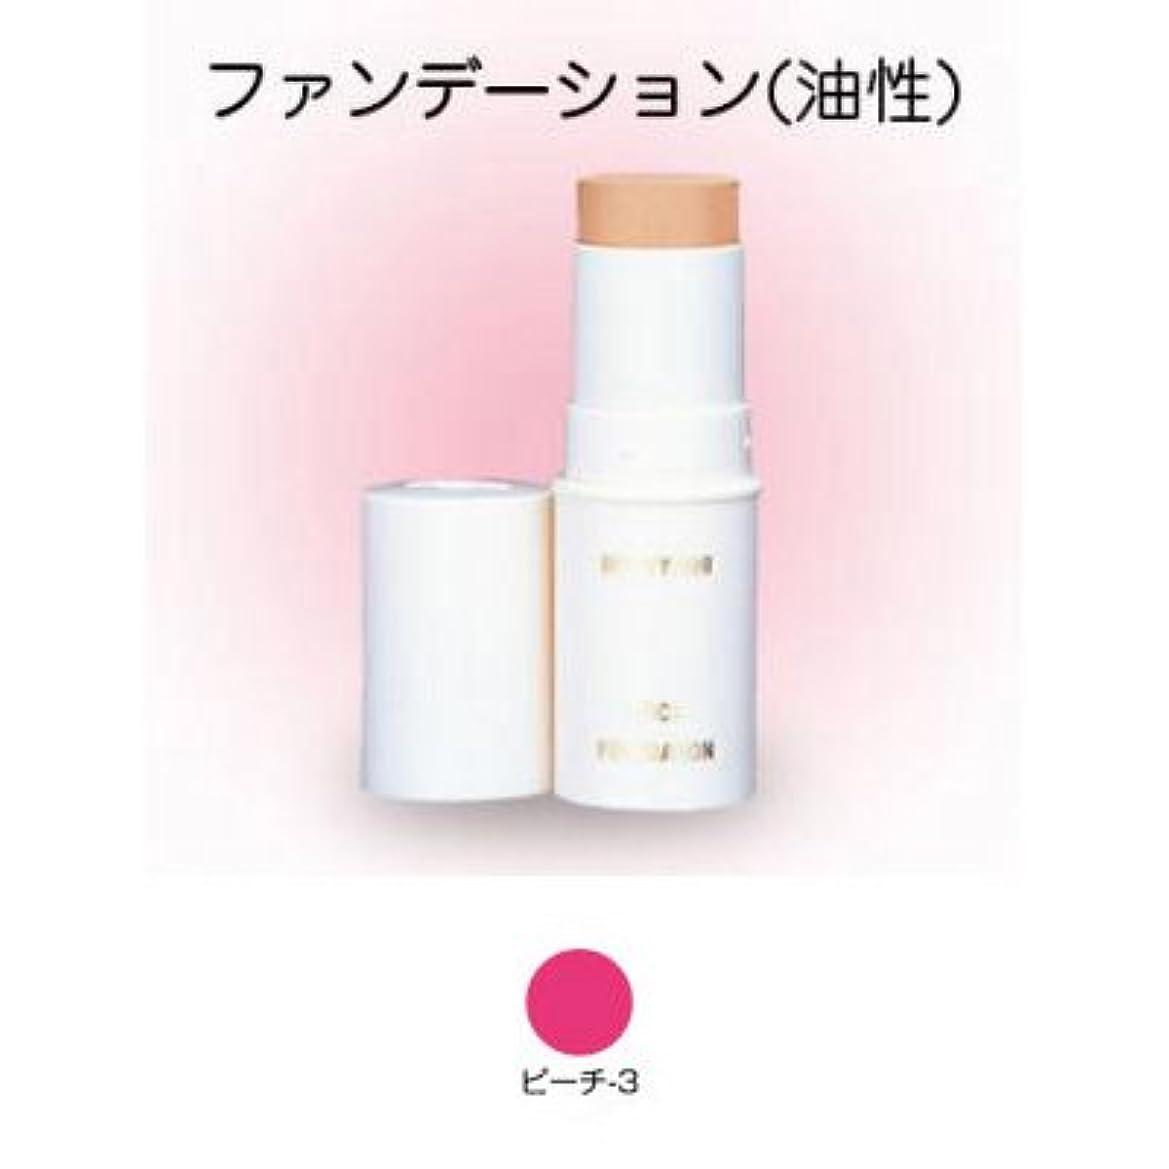 プロット残り関数スティックファンデーション 16g ピーチ-3 【三善】